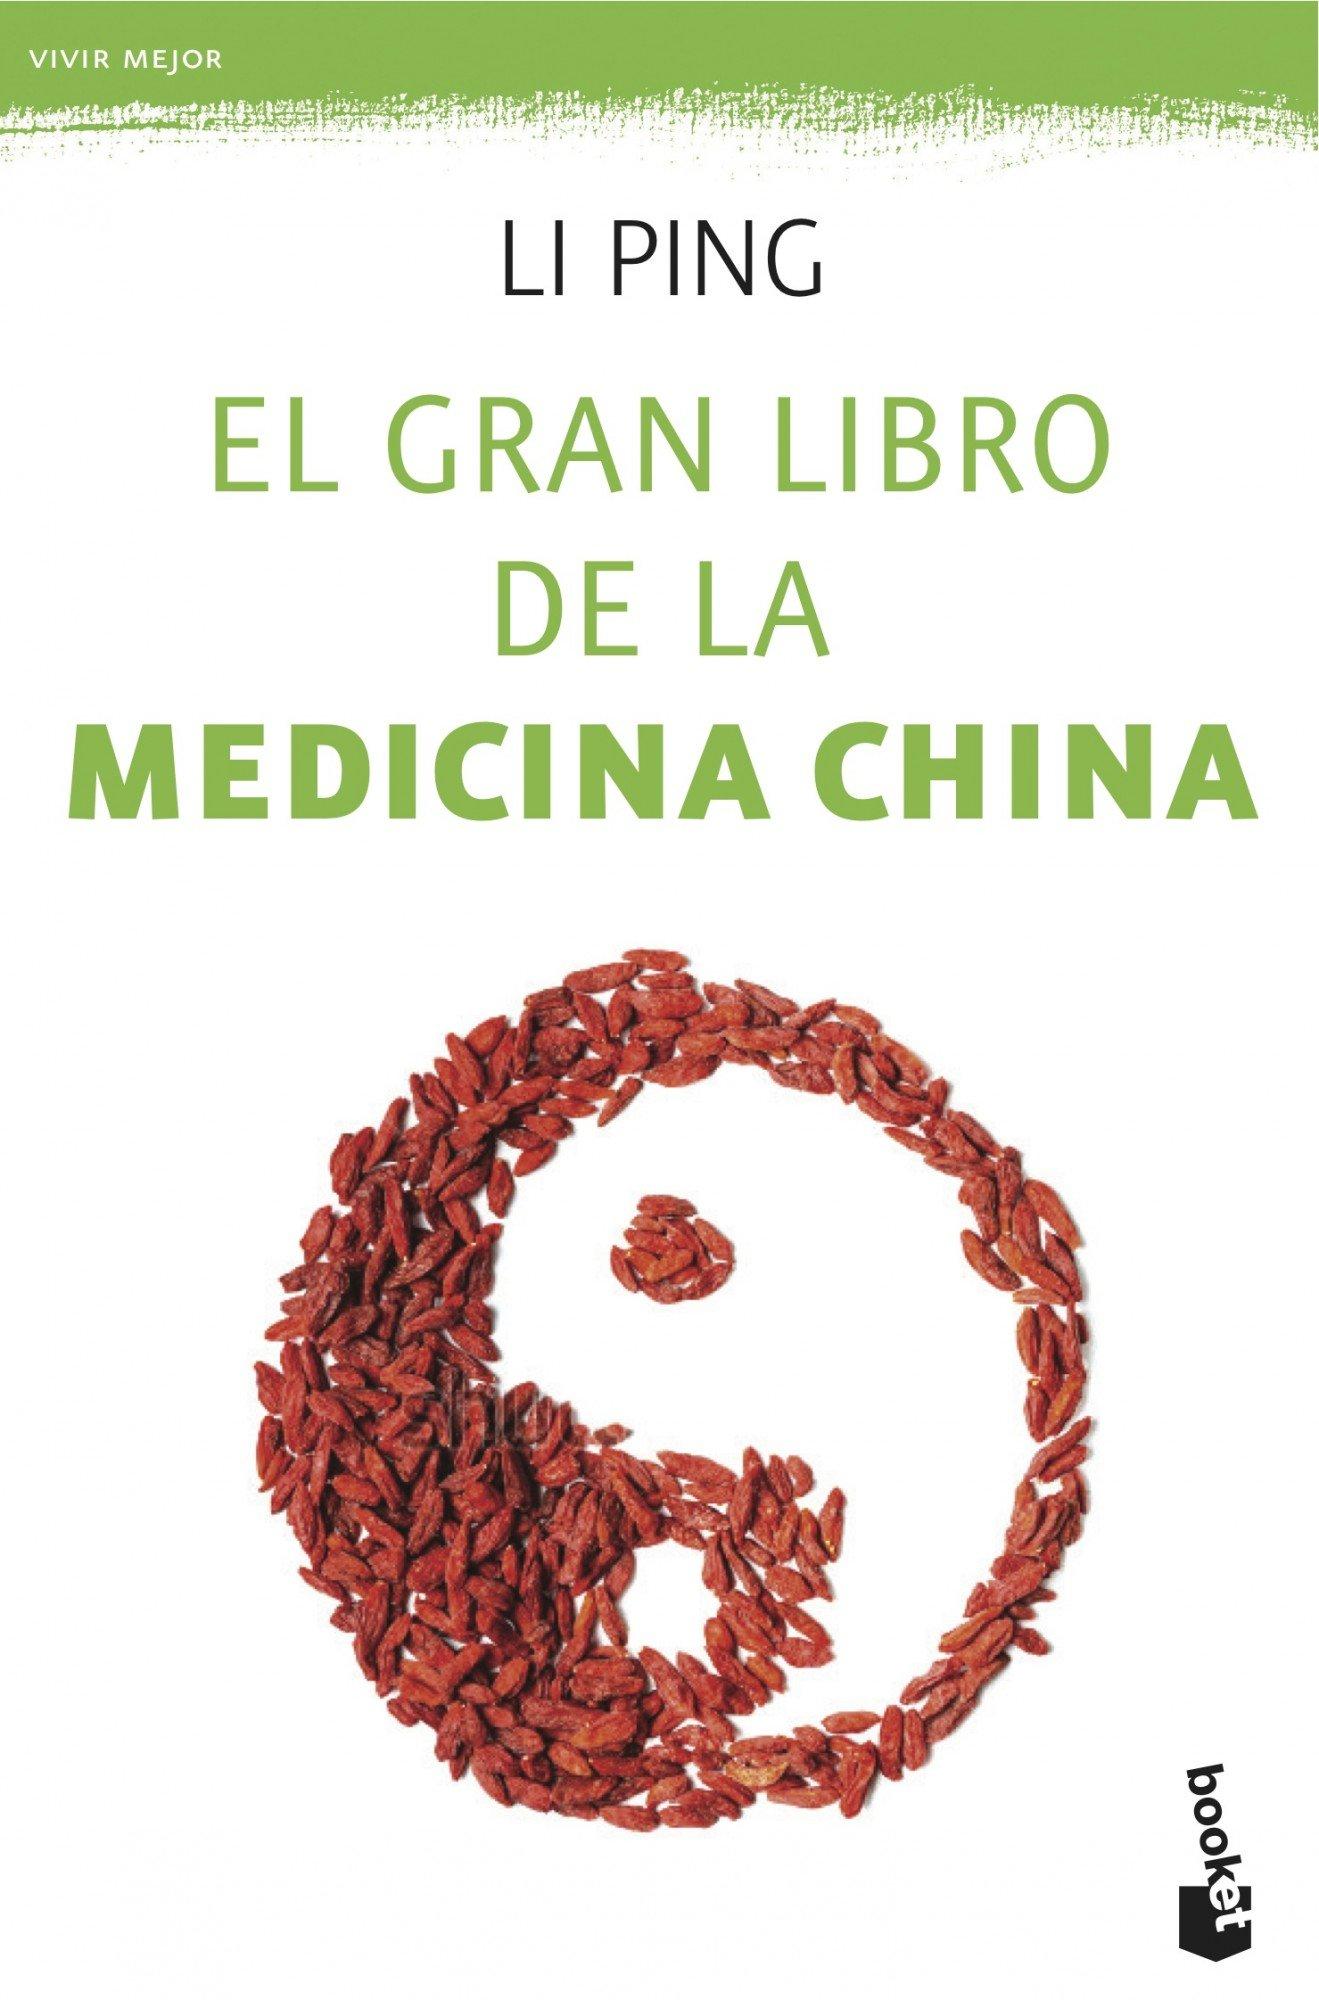 El gran libro de la medicina china (Prácticos): Amazon.es: Li Ping ...